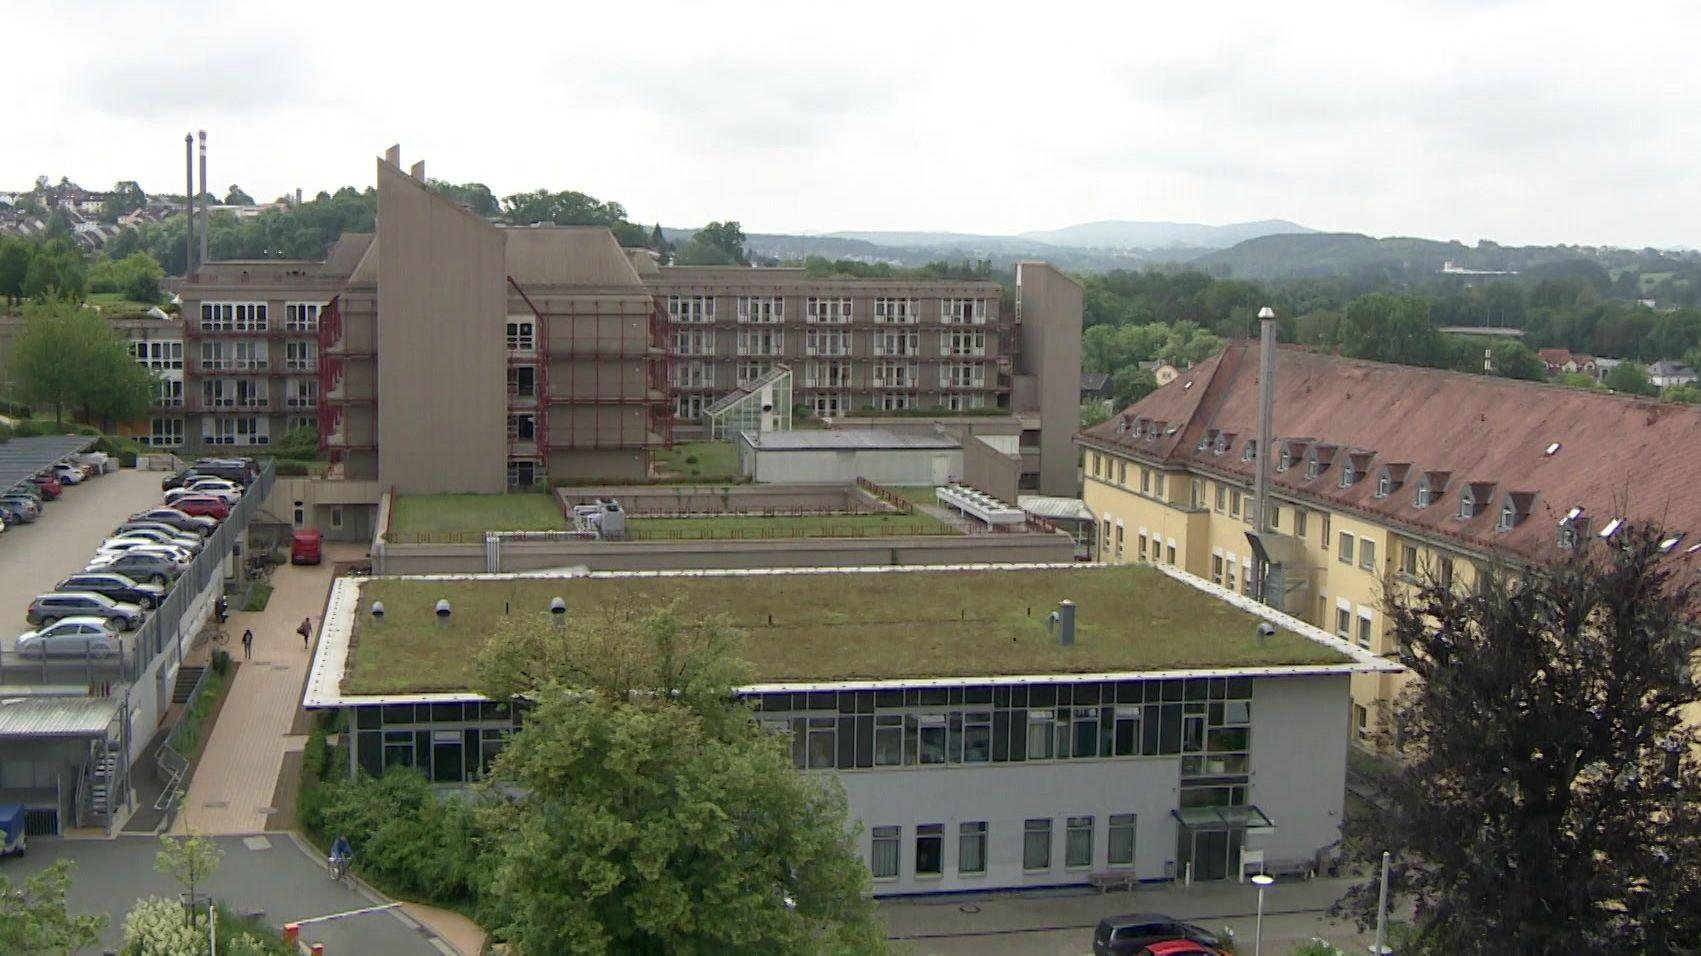 Der Klinikverbund Regiomed in Oberfranken - Standort Coburg von oben